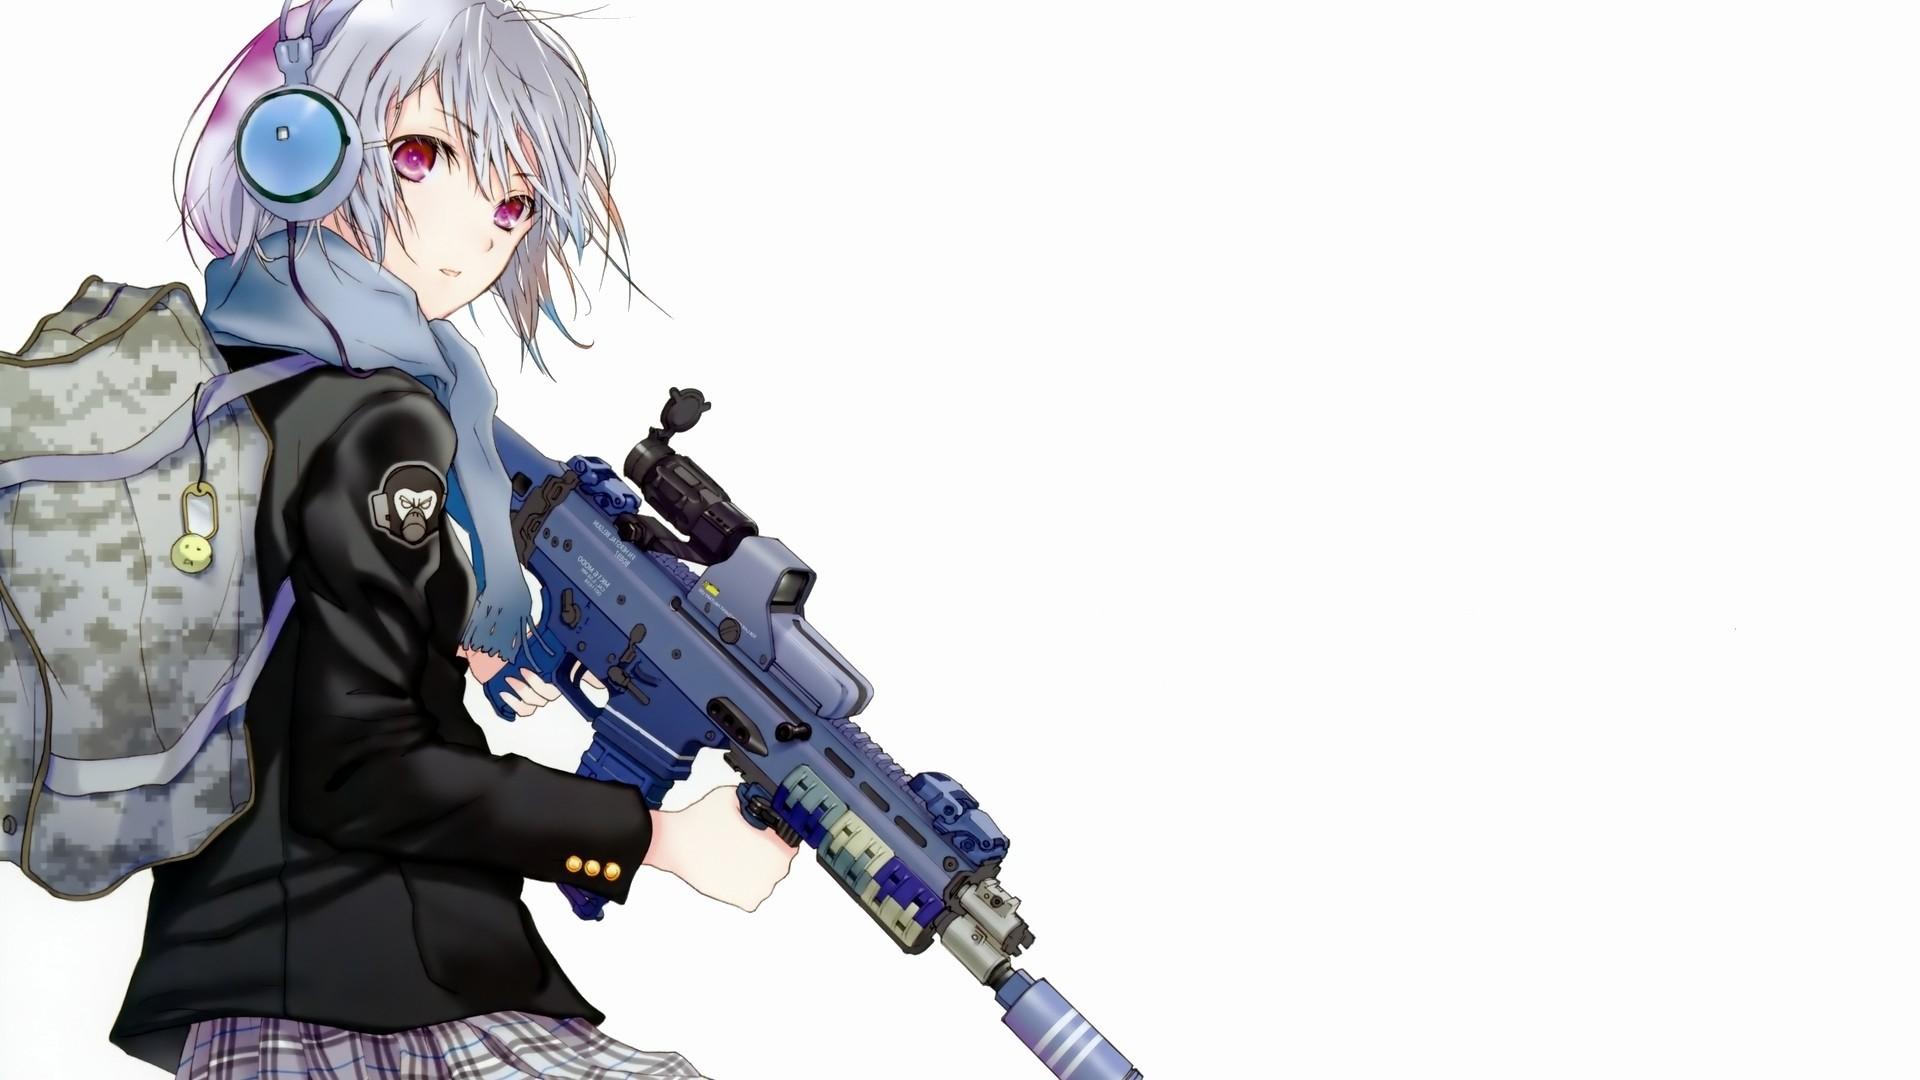 1920x1080 Sniper Anime Girl Wallpaper